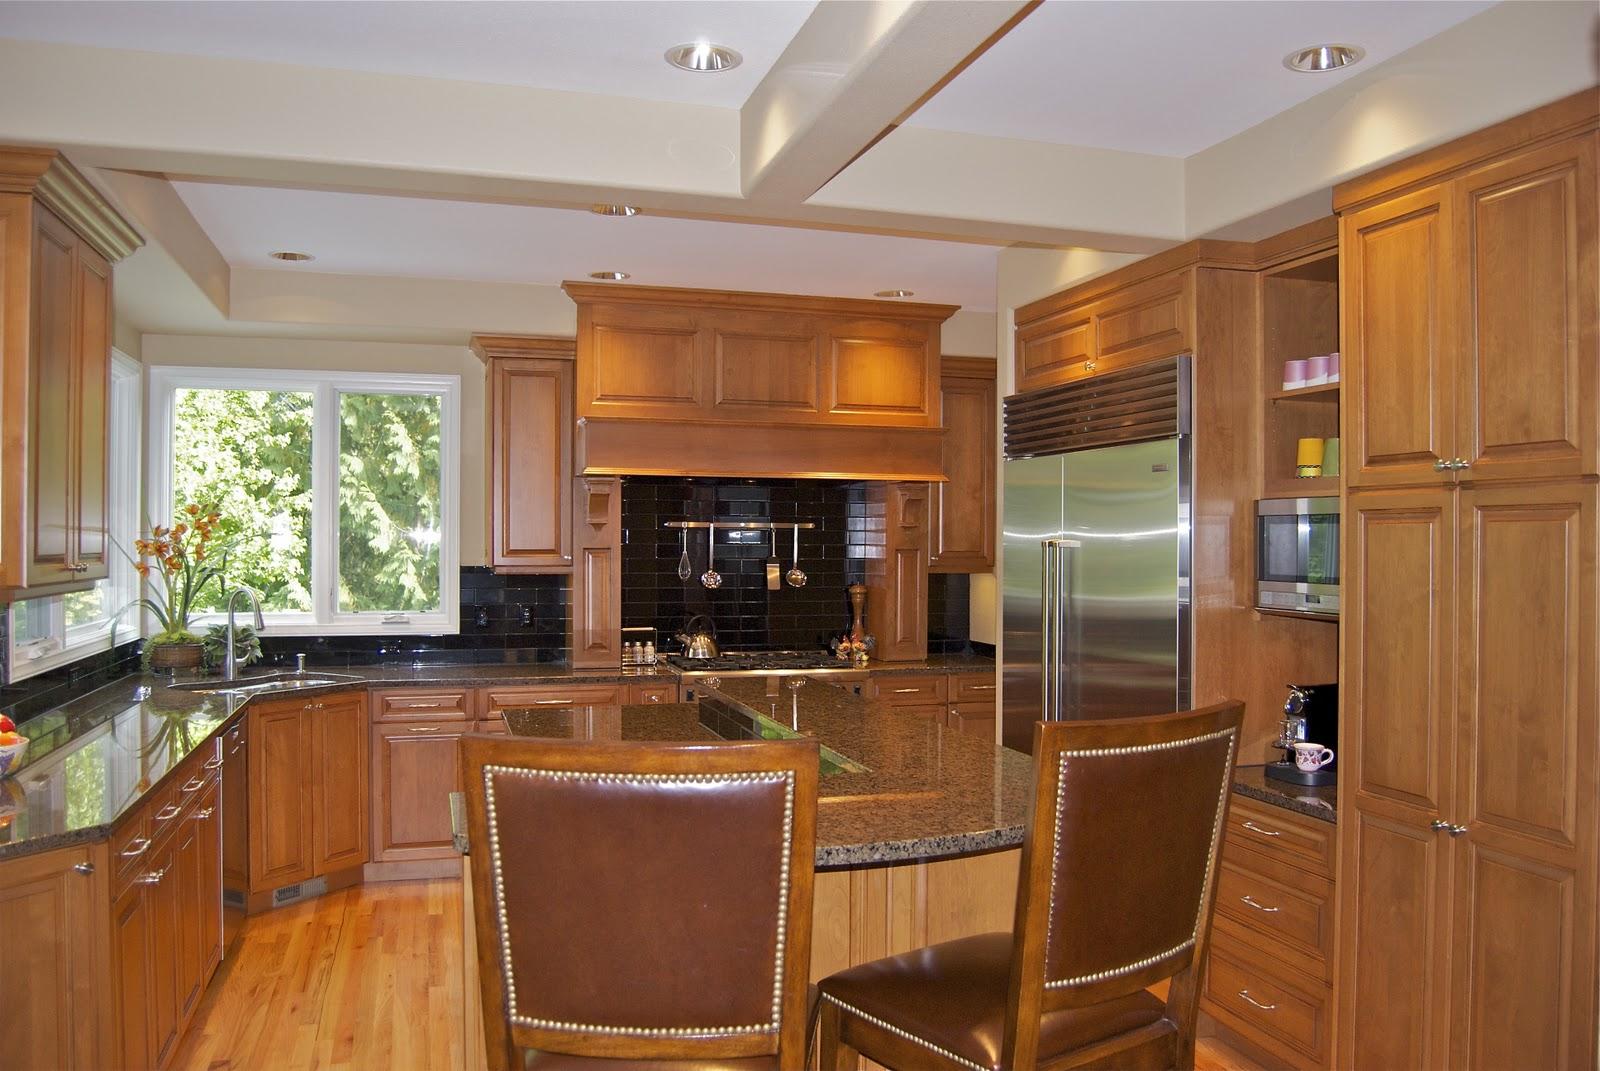 угловая кухня с мойкой в углу дизайн фото